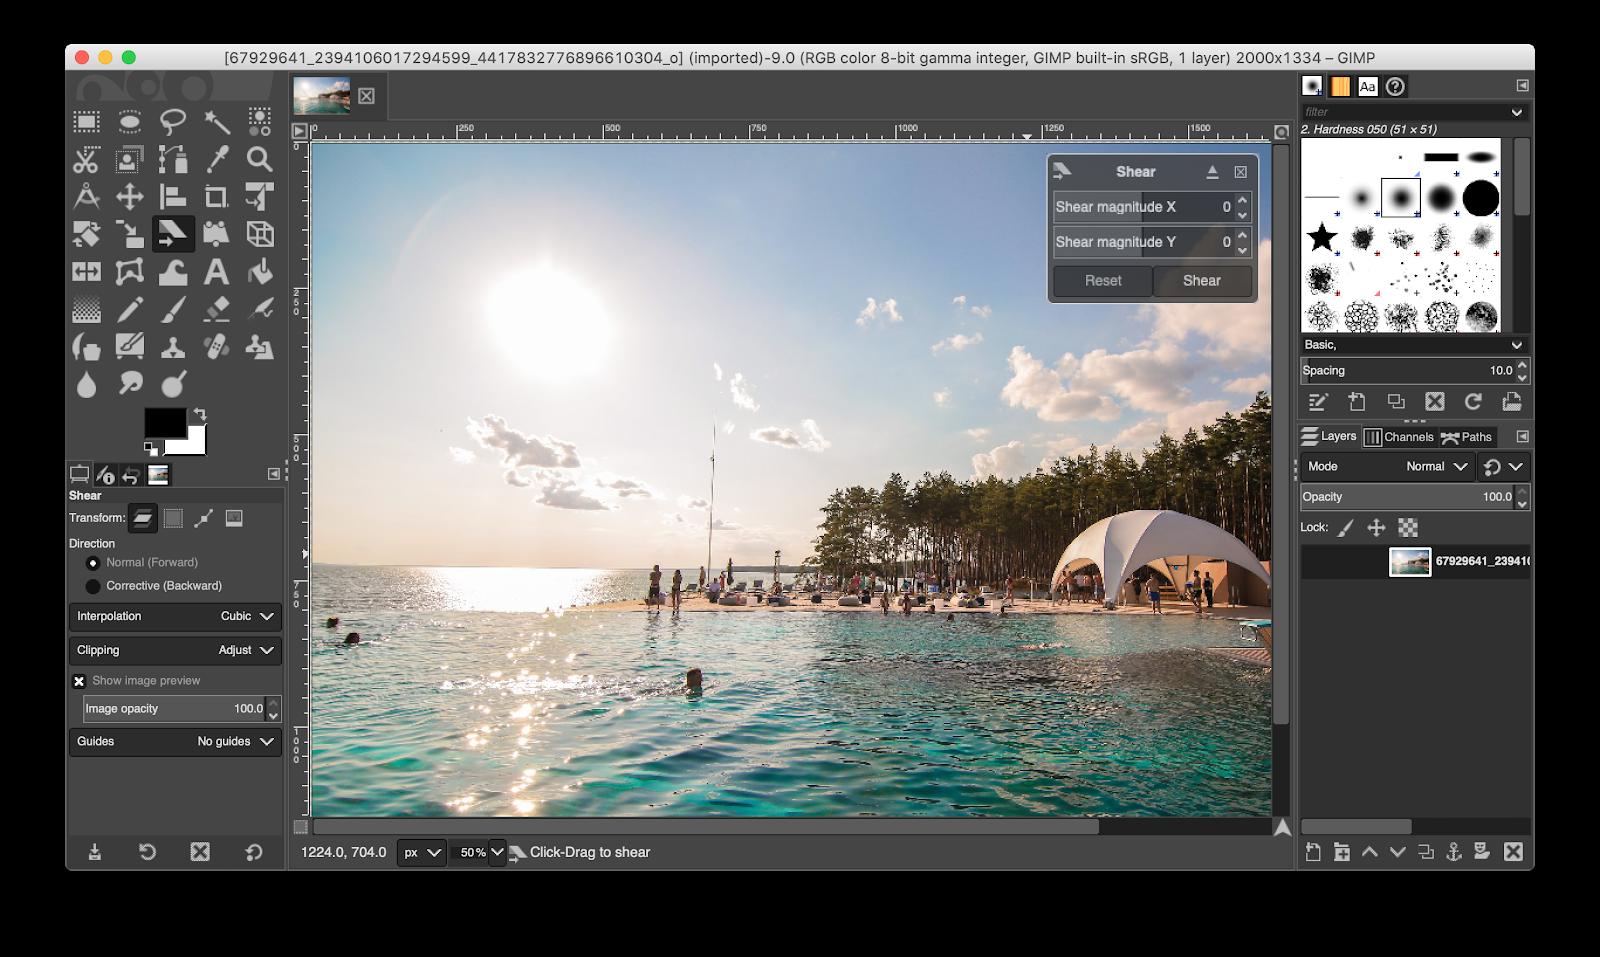 GIMP photo editing